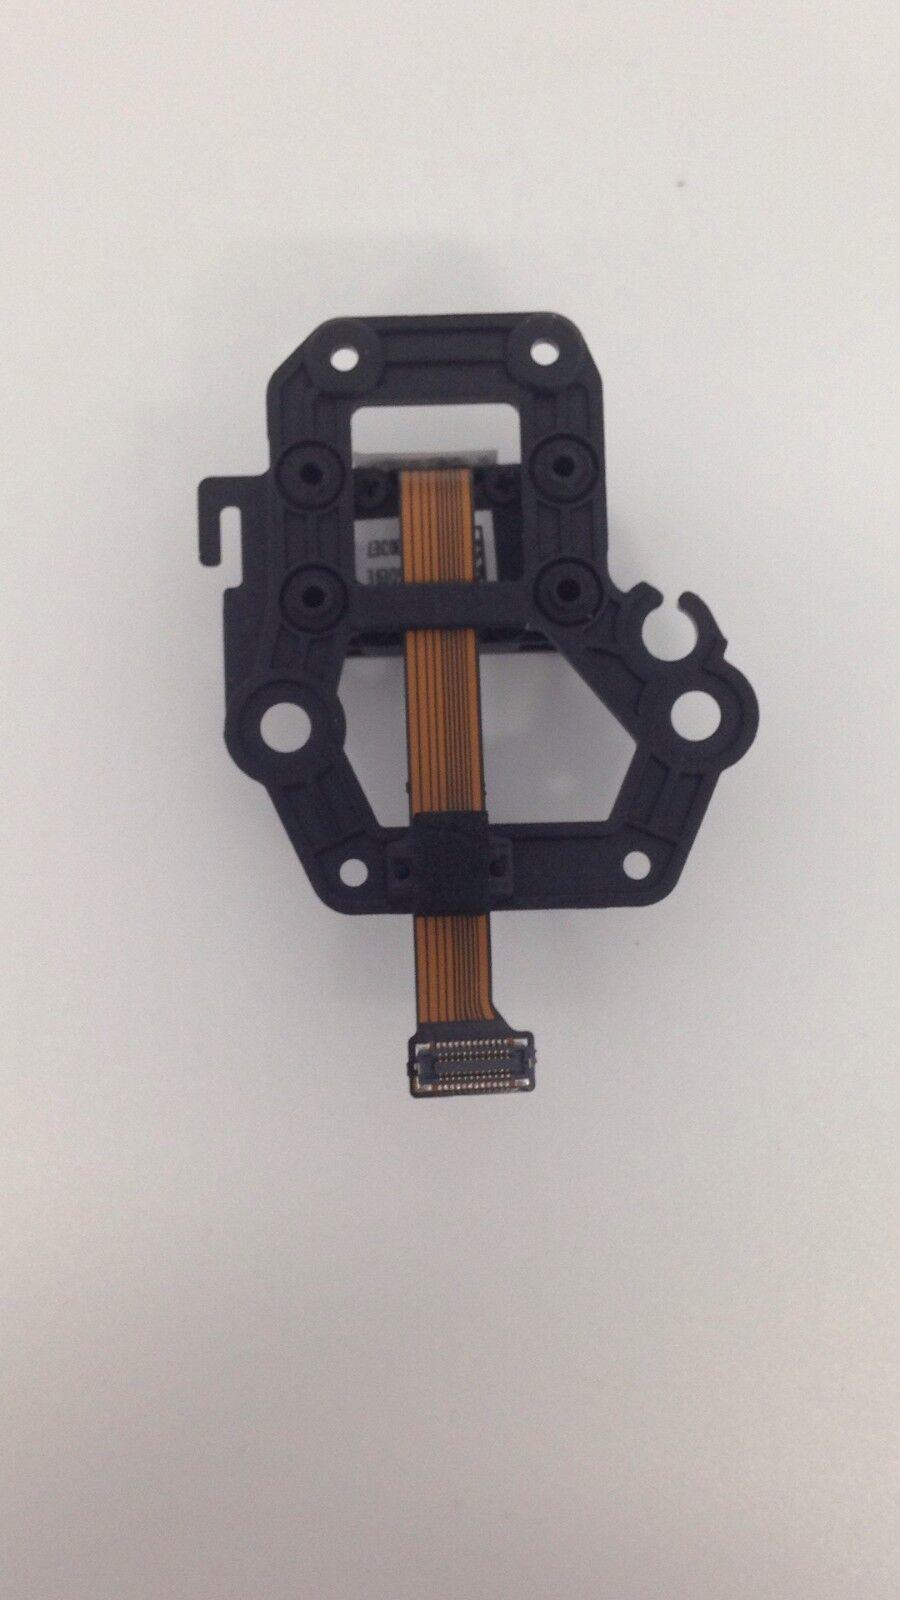 DJI Spark Camera Drone Repair Parts Spark IMU Module (Including Rubber Dampers)